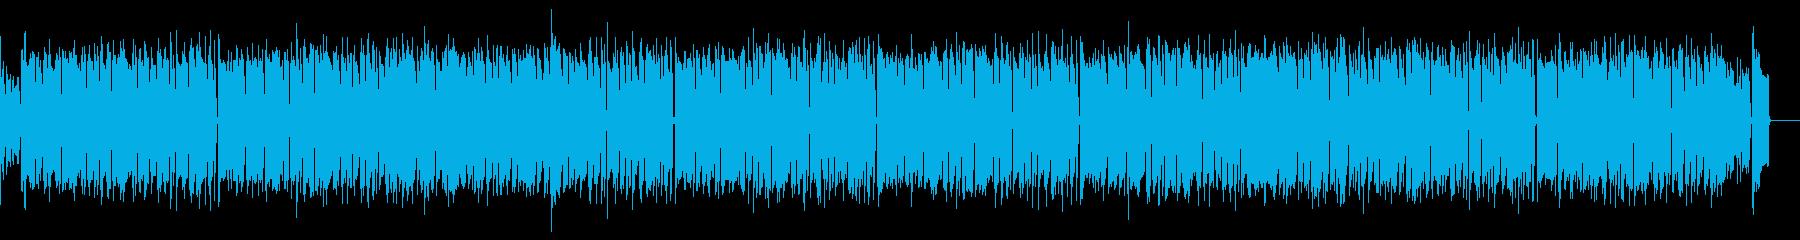 ほのぼのしつつ感動的なラグタイムピアノの再生済みの波形